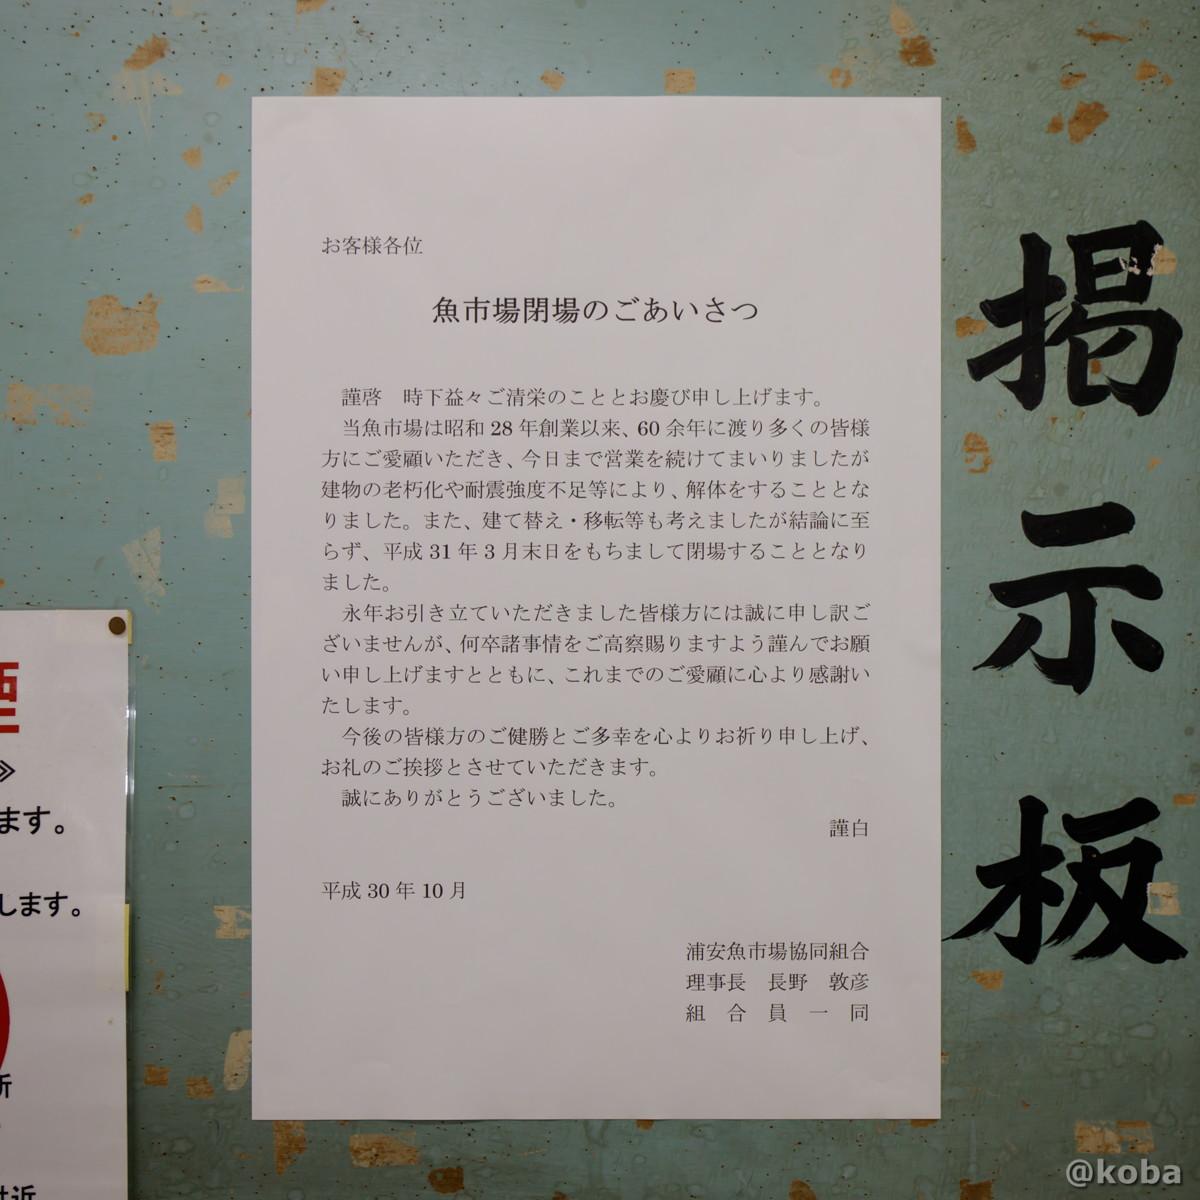 浦安魚市場閉場のごあいさつ